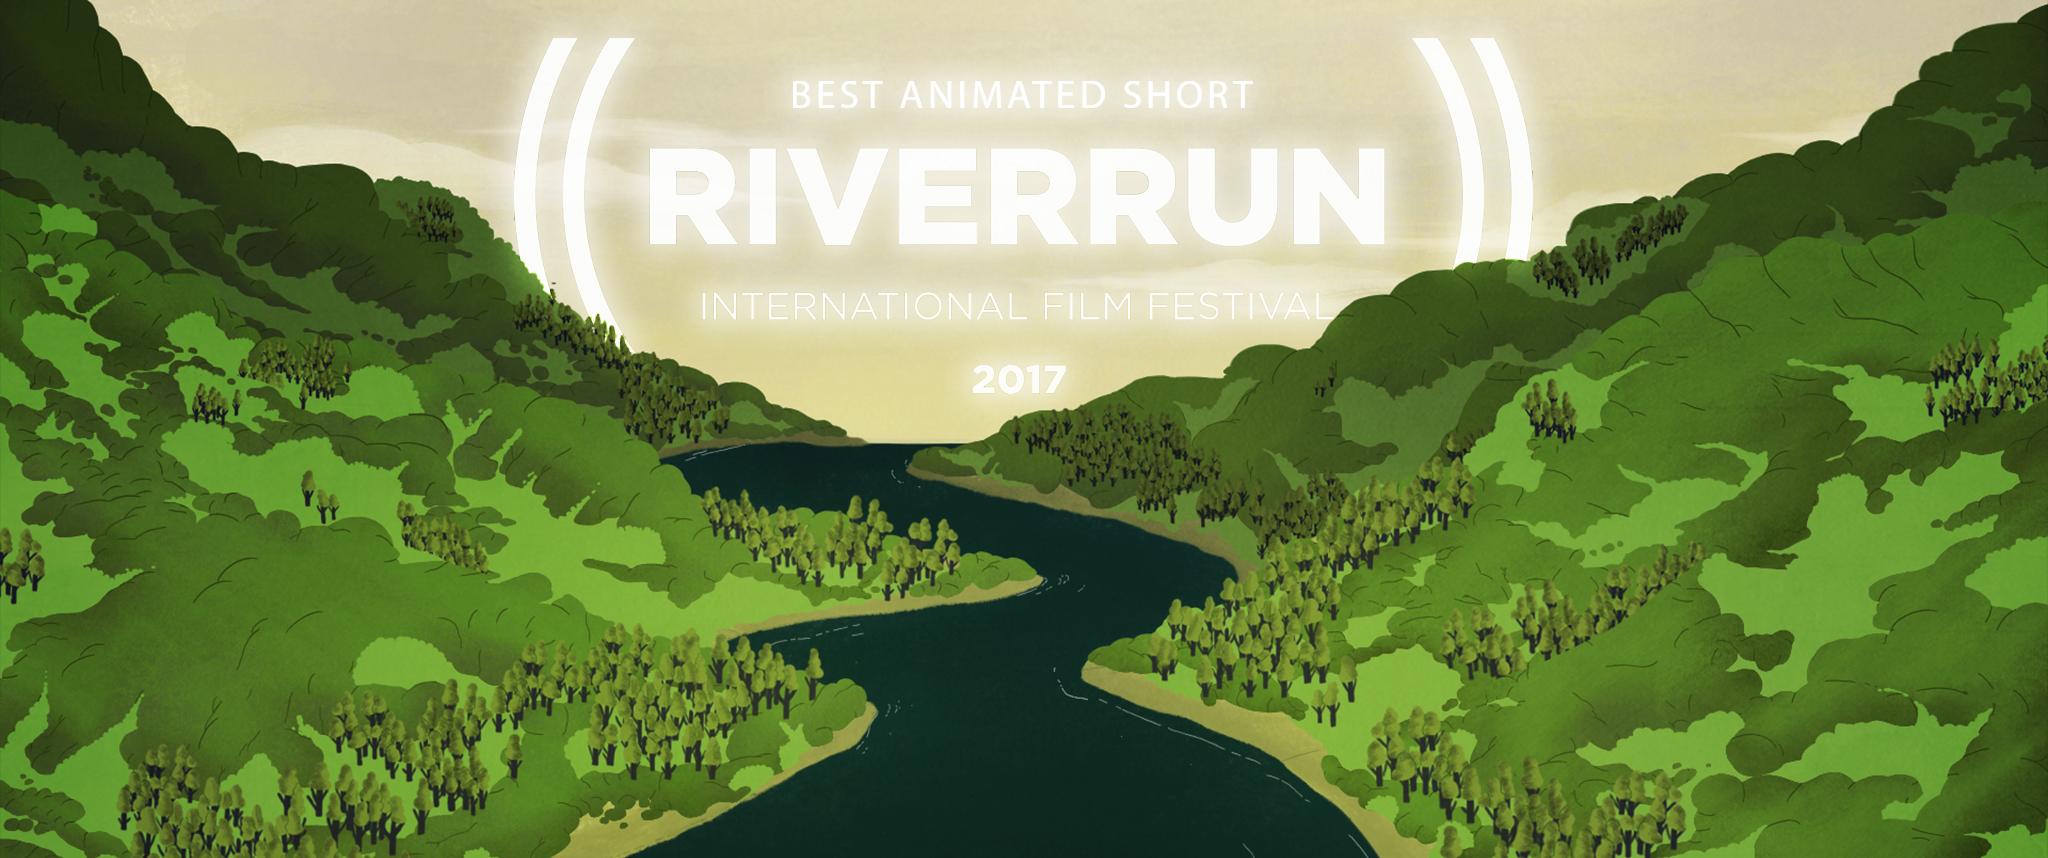 riverrun_love.jpg